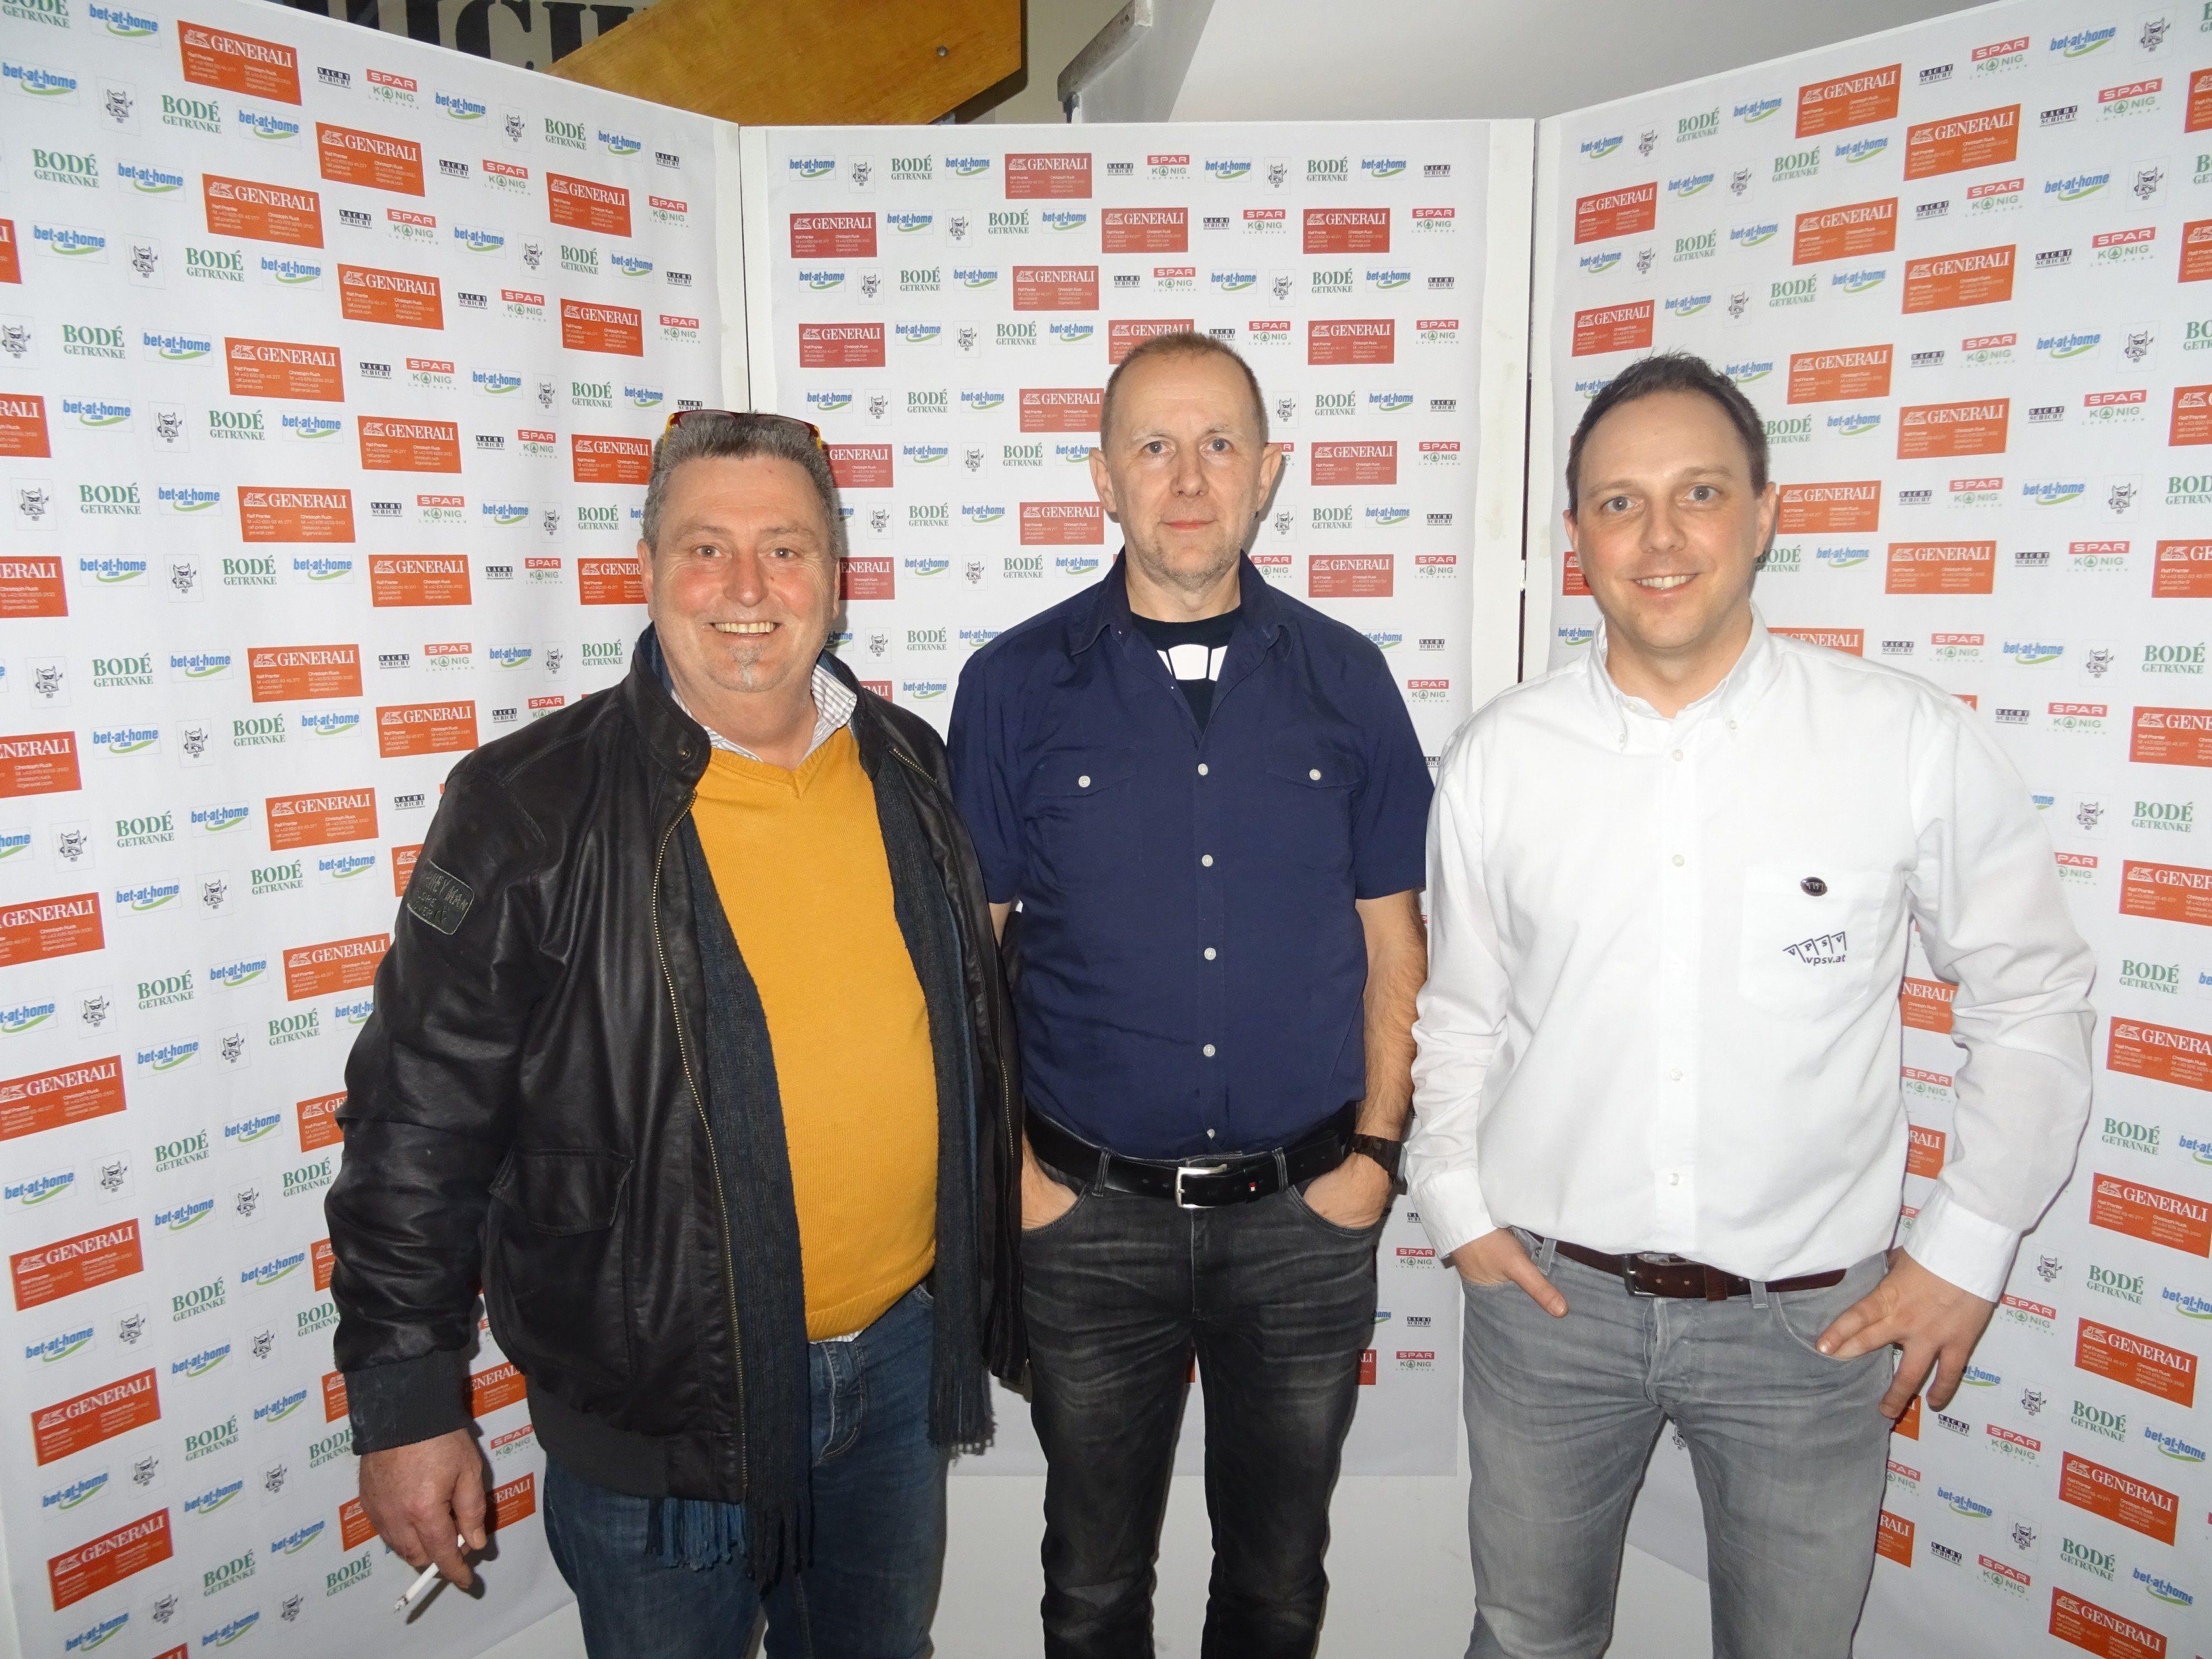 Das Siegerfoto (v.l.n.r.): Edi Meusburger, Helmut Wagner, Hanno Hollentein